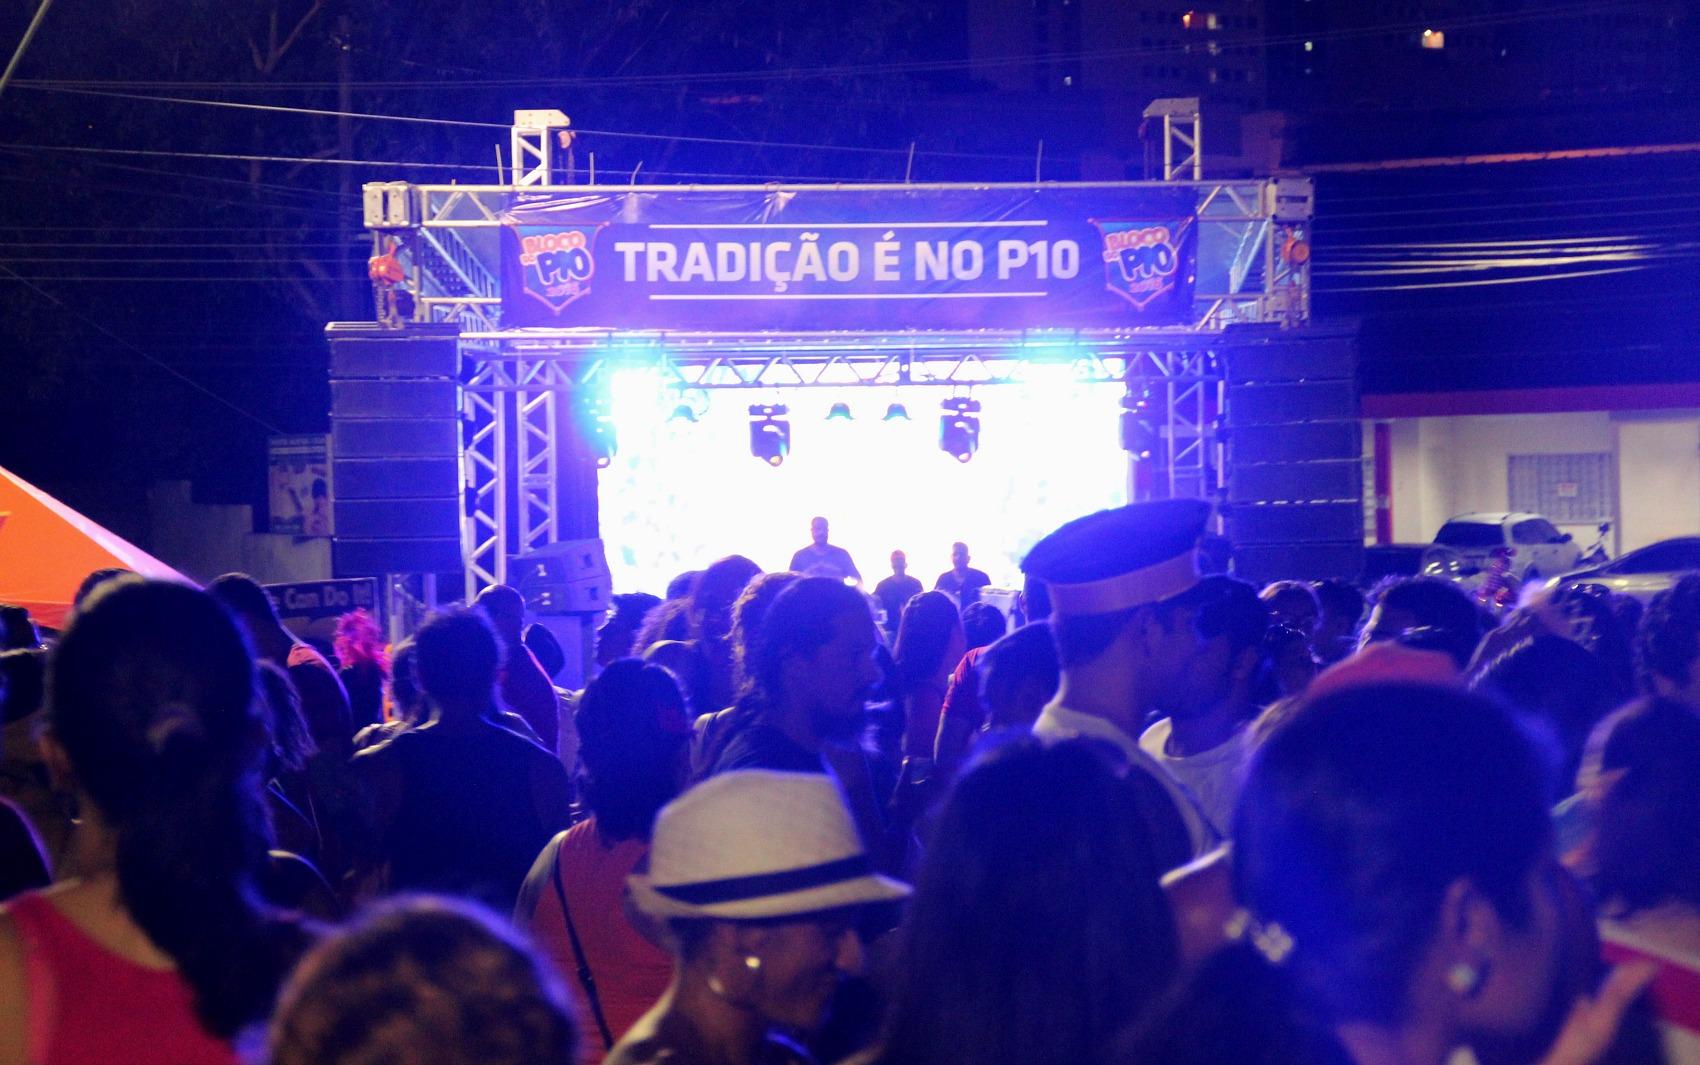 Banda do Parque Dez representa tradição, diz organizador